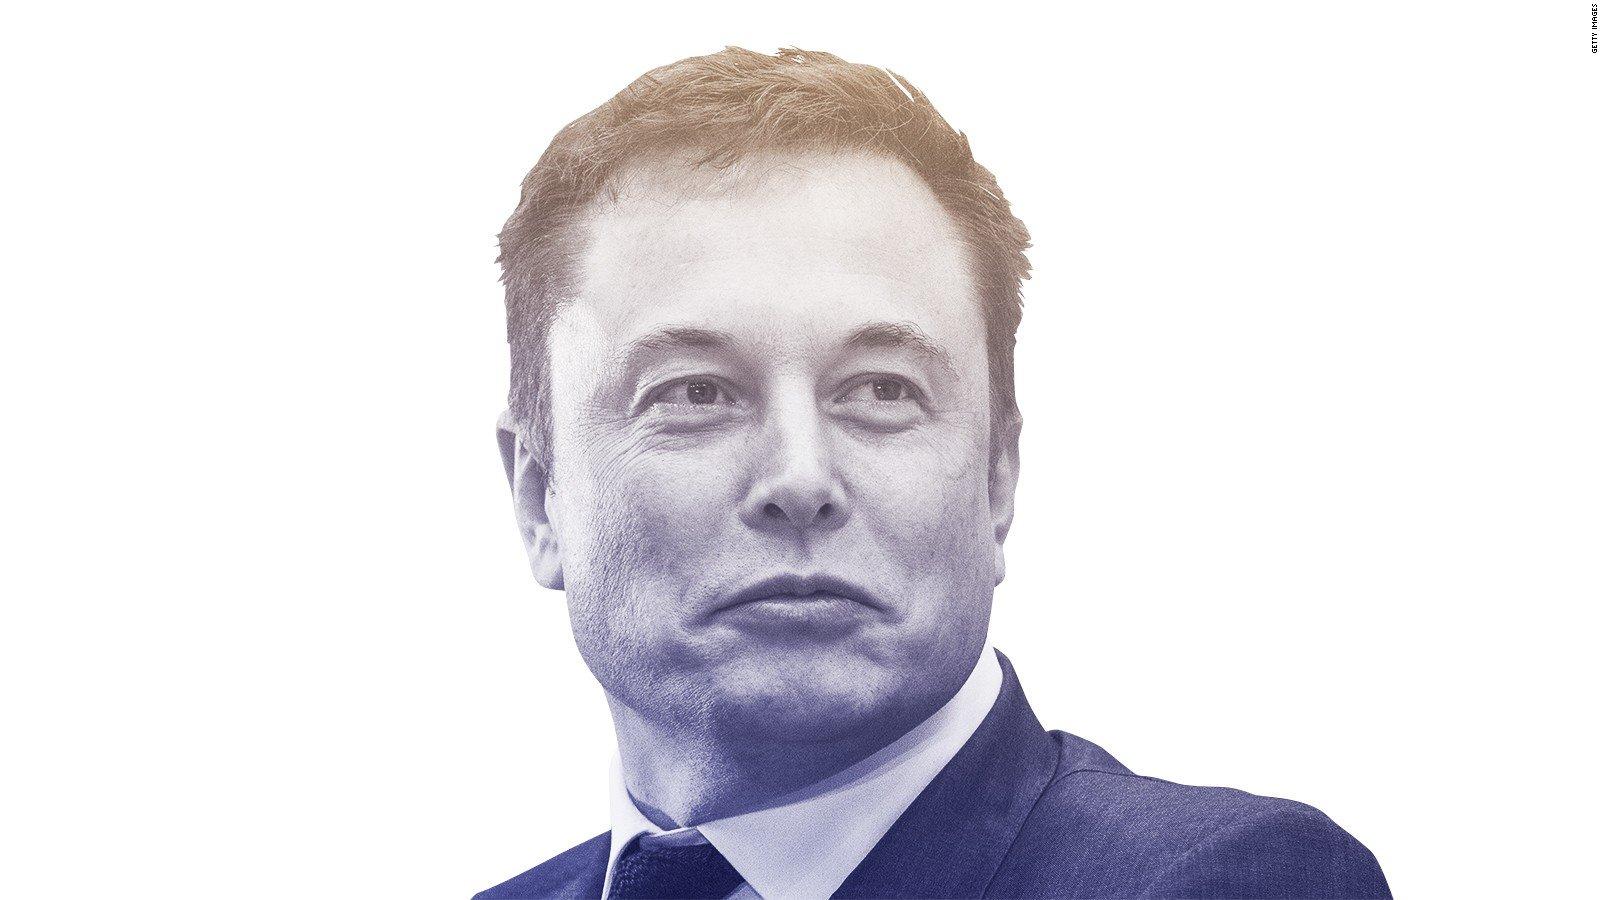 Elon Musk: 'Süni zəkanı ilahiləşdirən insanları bu texnologiyanın yaradılmasına yaxın buraxmaq olmaz'